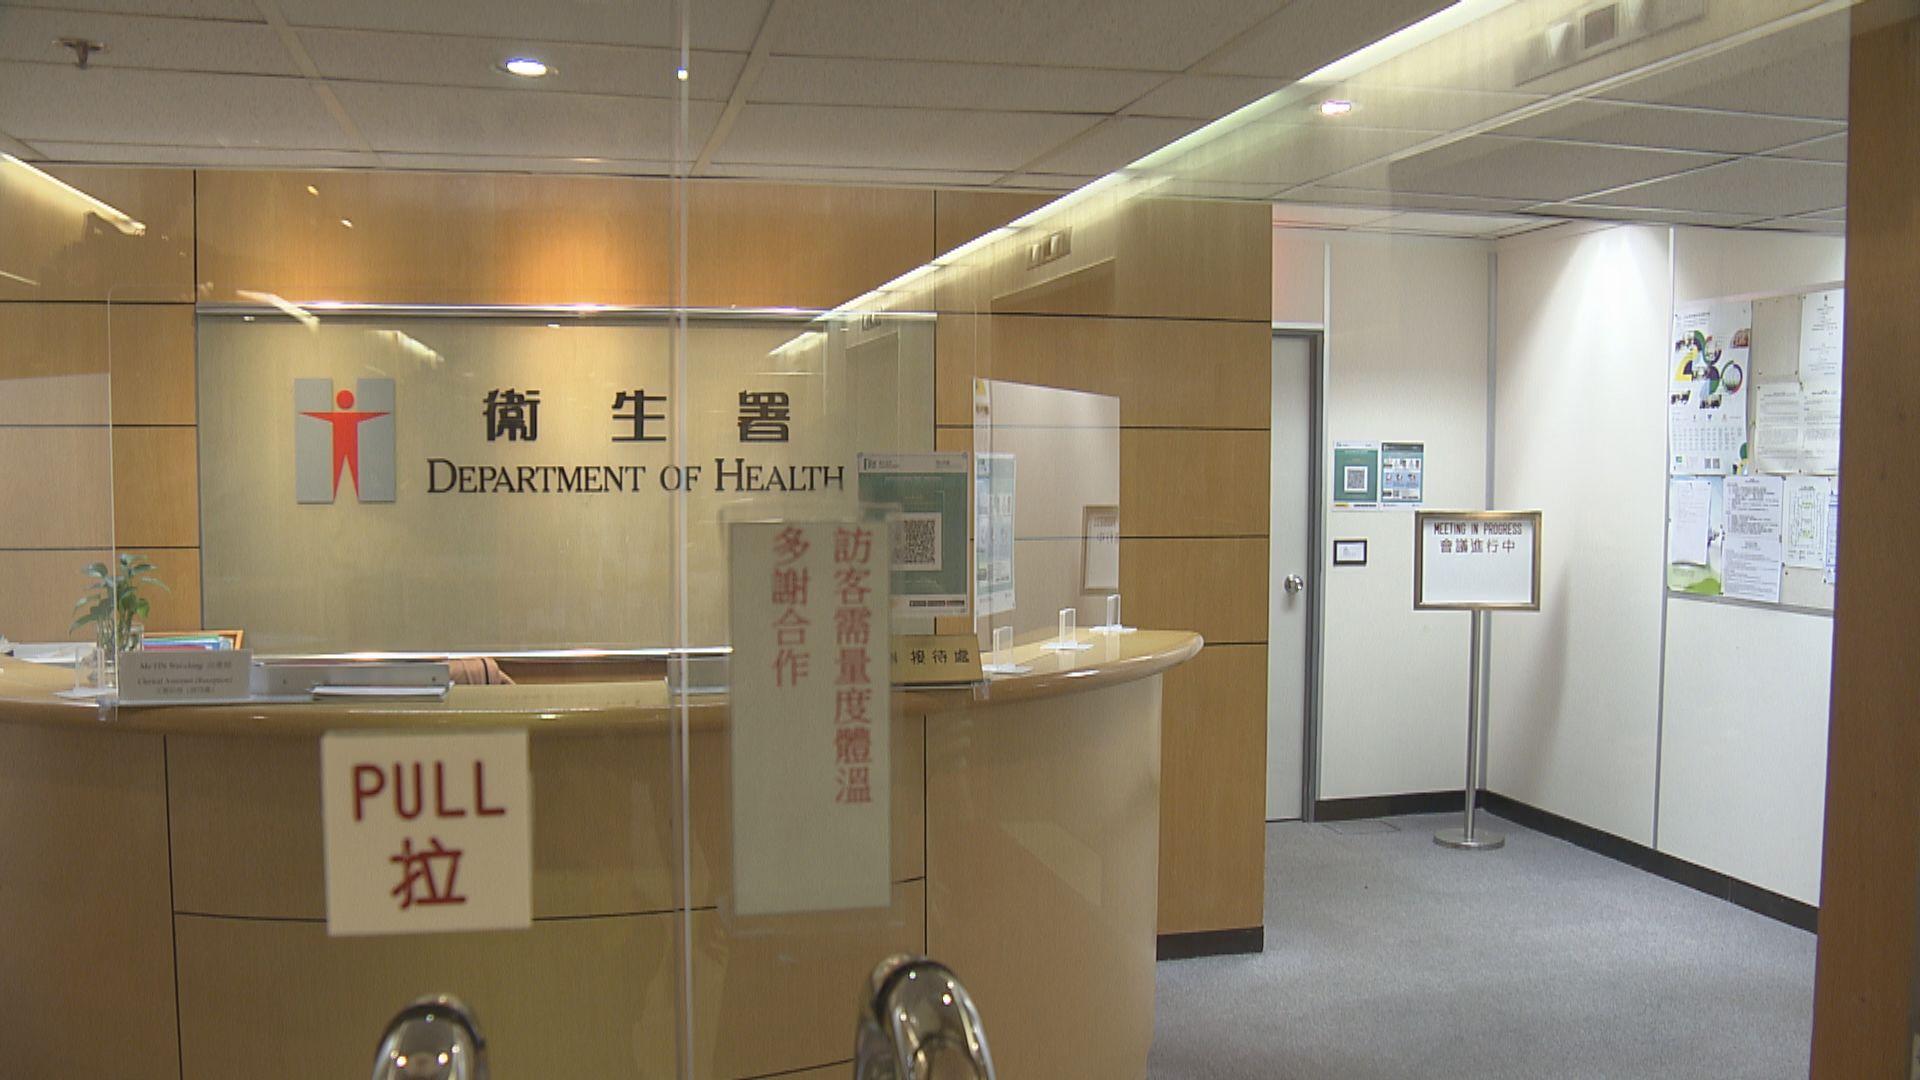 專家委員會周一開會 討論科興疫苗死亡及危殆個案